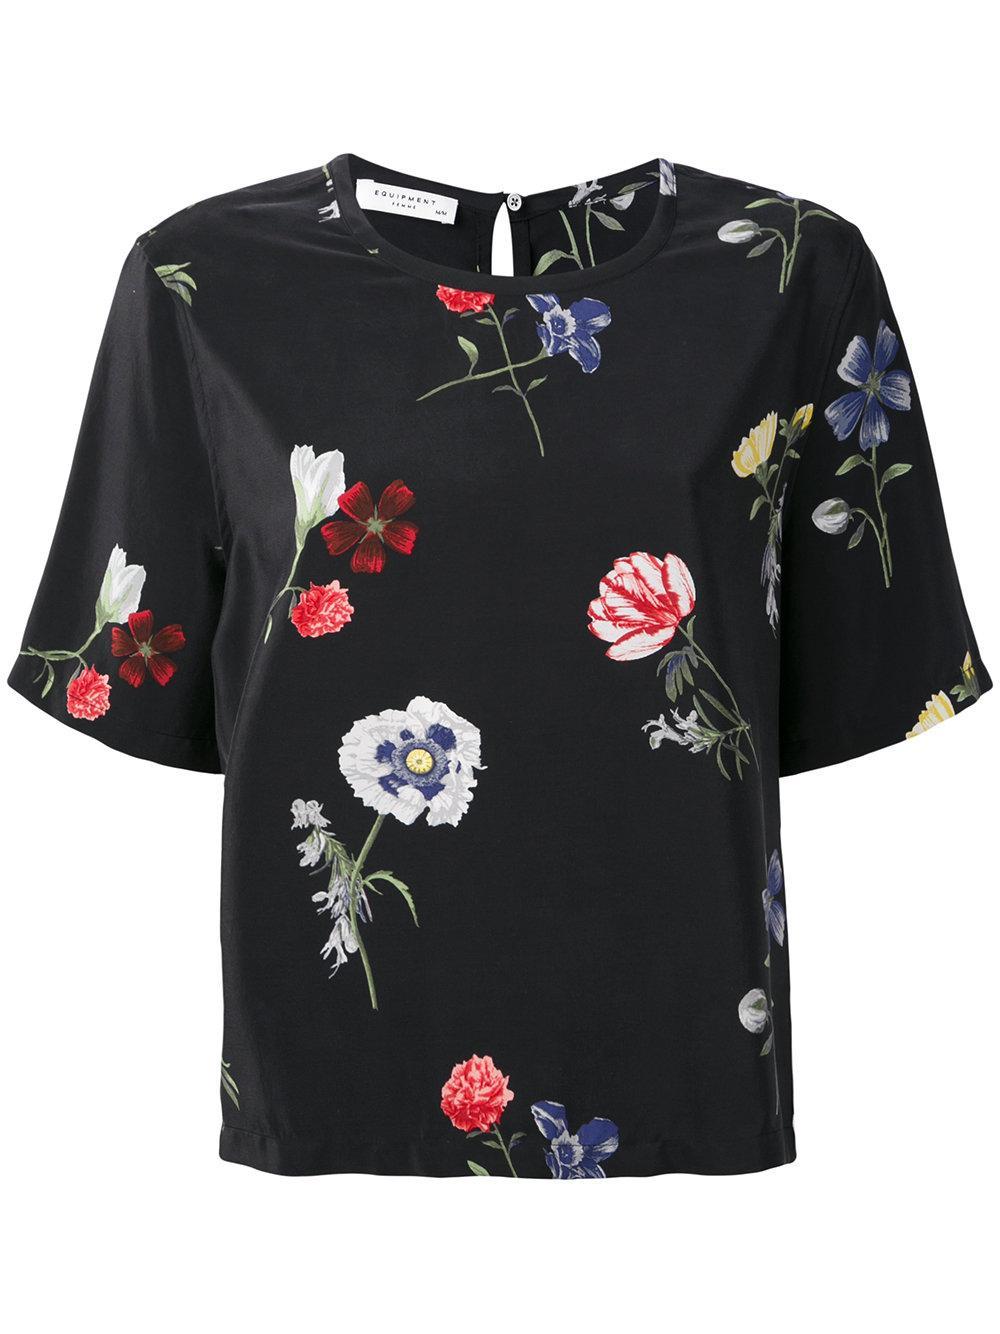 Equipment Womens Brynn Floral Top